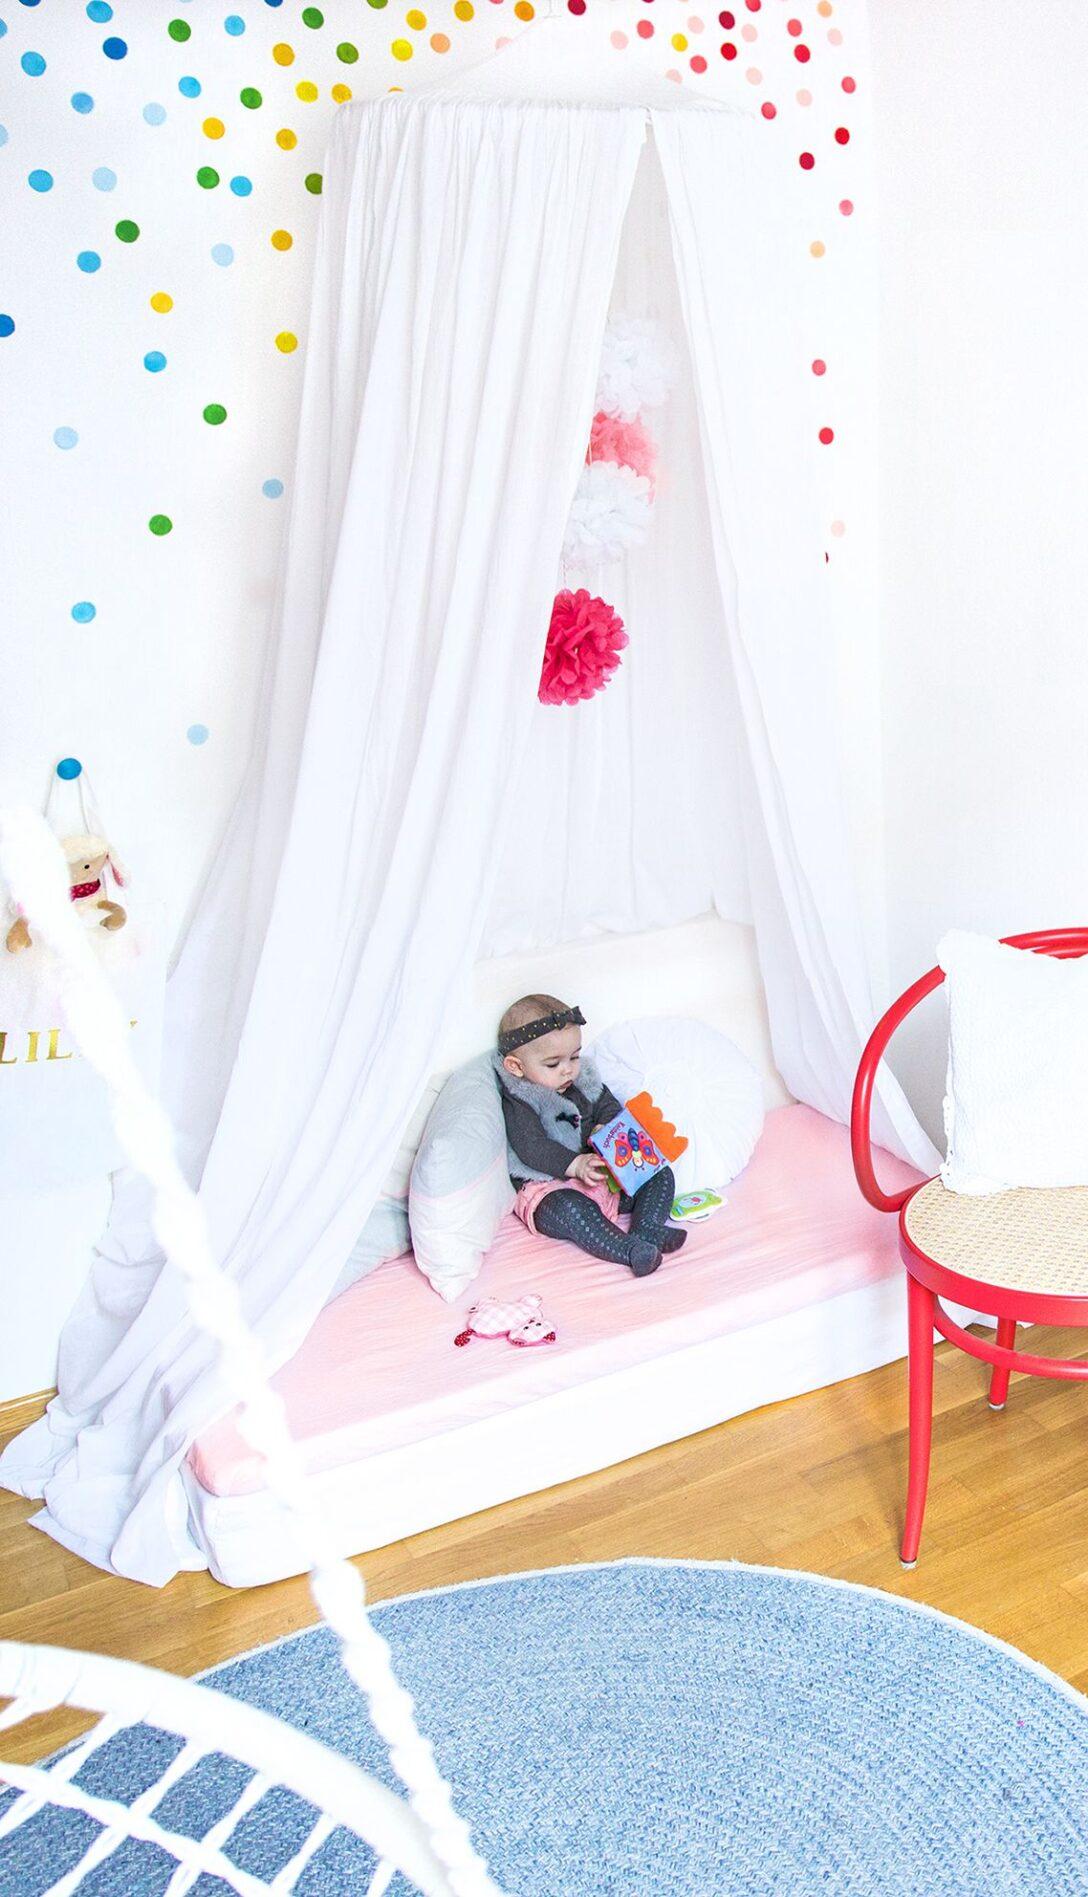 Large Size of Günstige Kinderzimmer Ideen Meine Drei Liebsten Diy Tipps Fr Eine Sofa Betten Günstiges 140x200 Schlafzimmer Fenster Bett Regal Komplett Küche Mit E Kinderzimmer Günstige Kinderzimmer